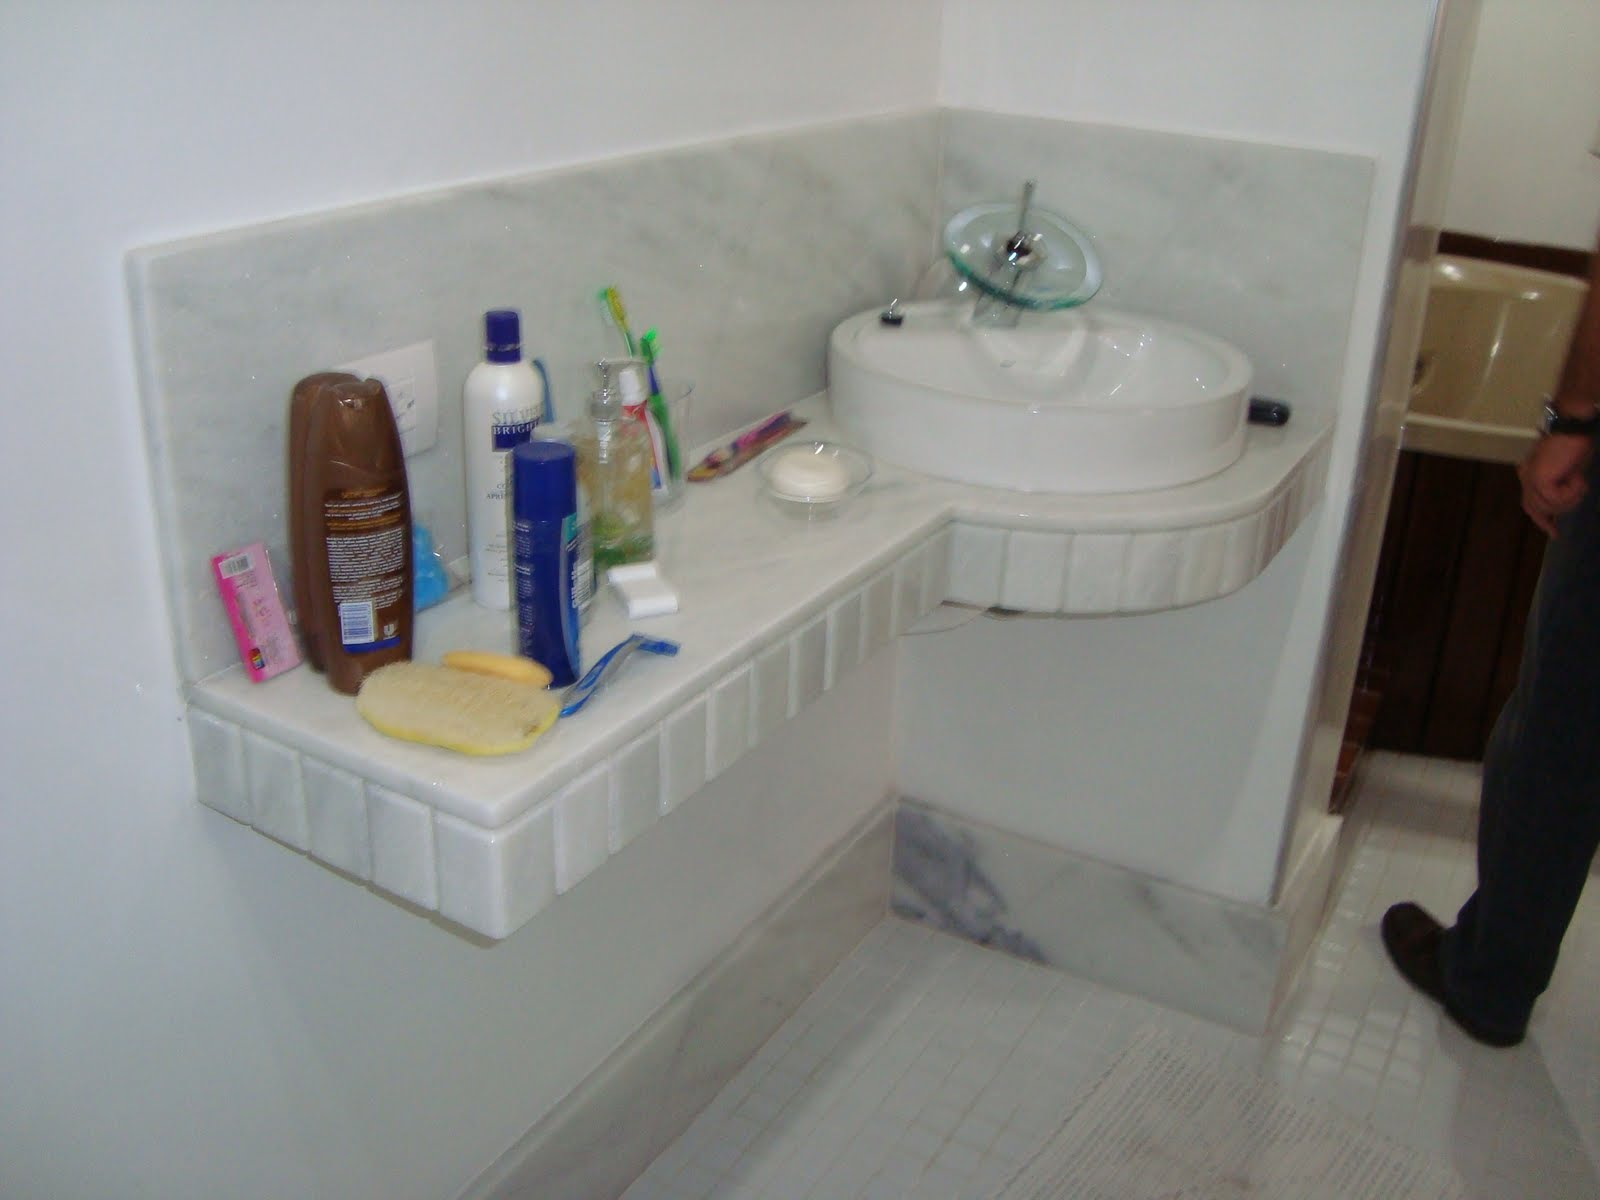 Marmoraria Granart: Bancadas Mármore Branco Clássico e Travertino. #2A3264 1600x1200 Banheiro Branco Com Travertino